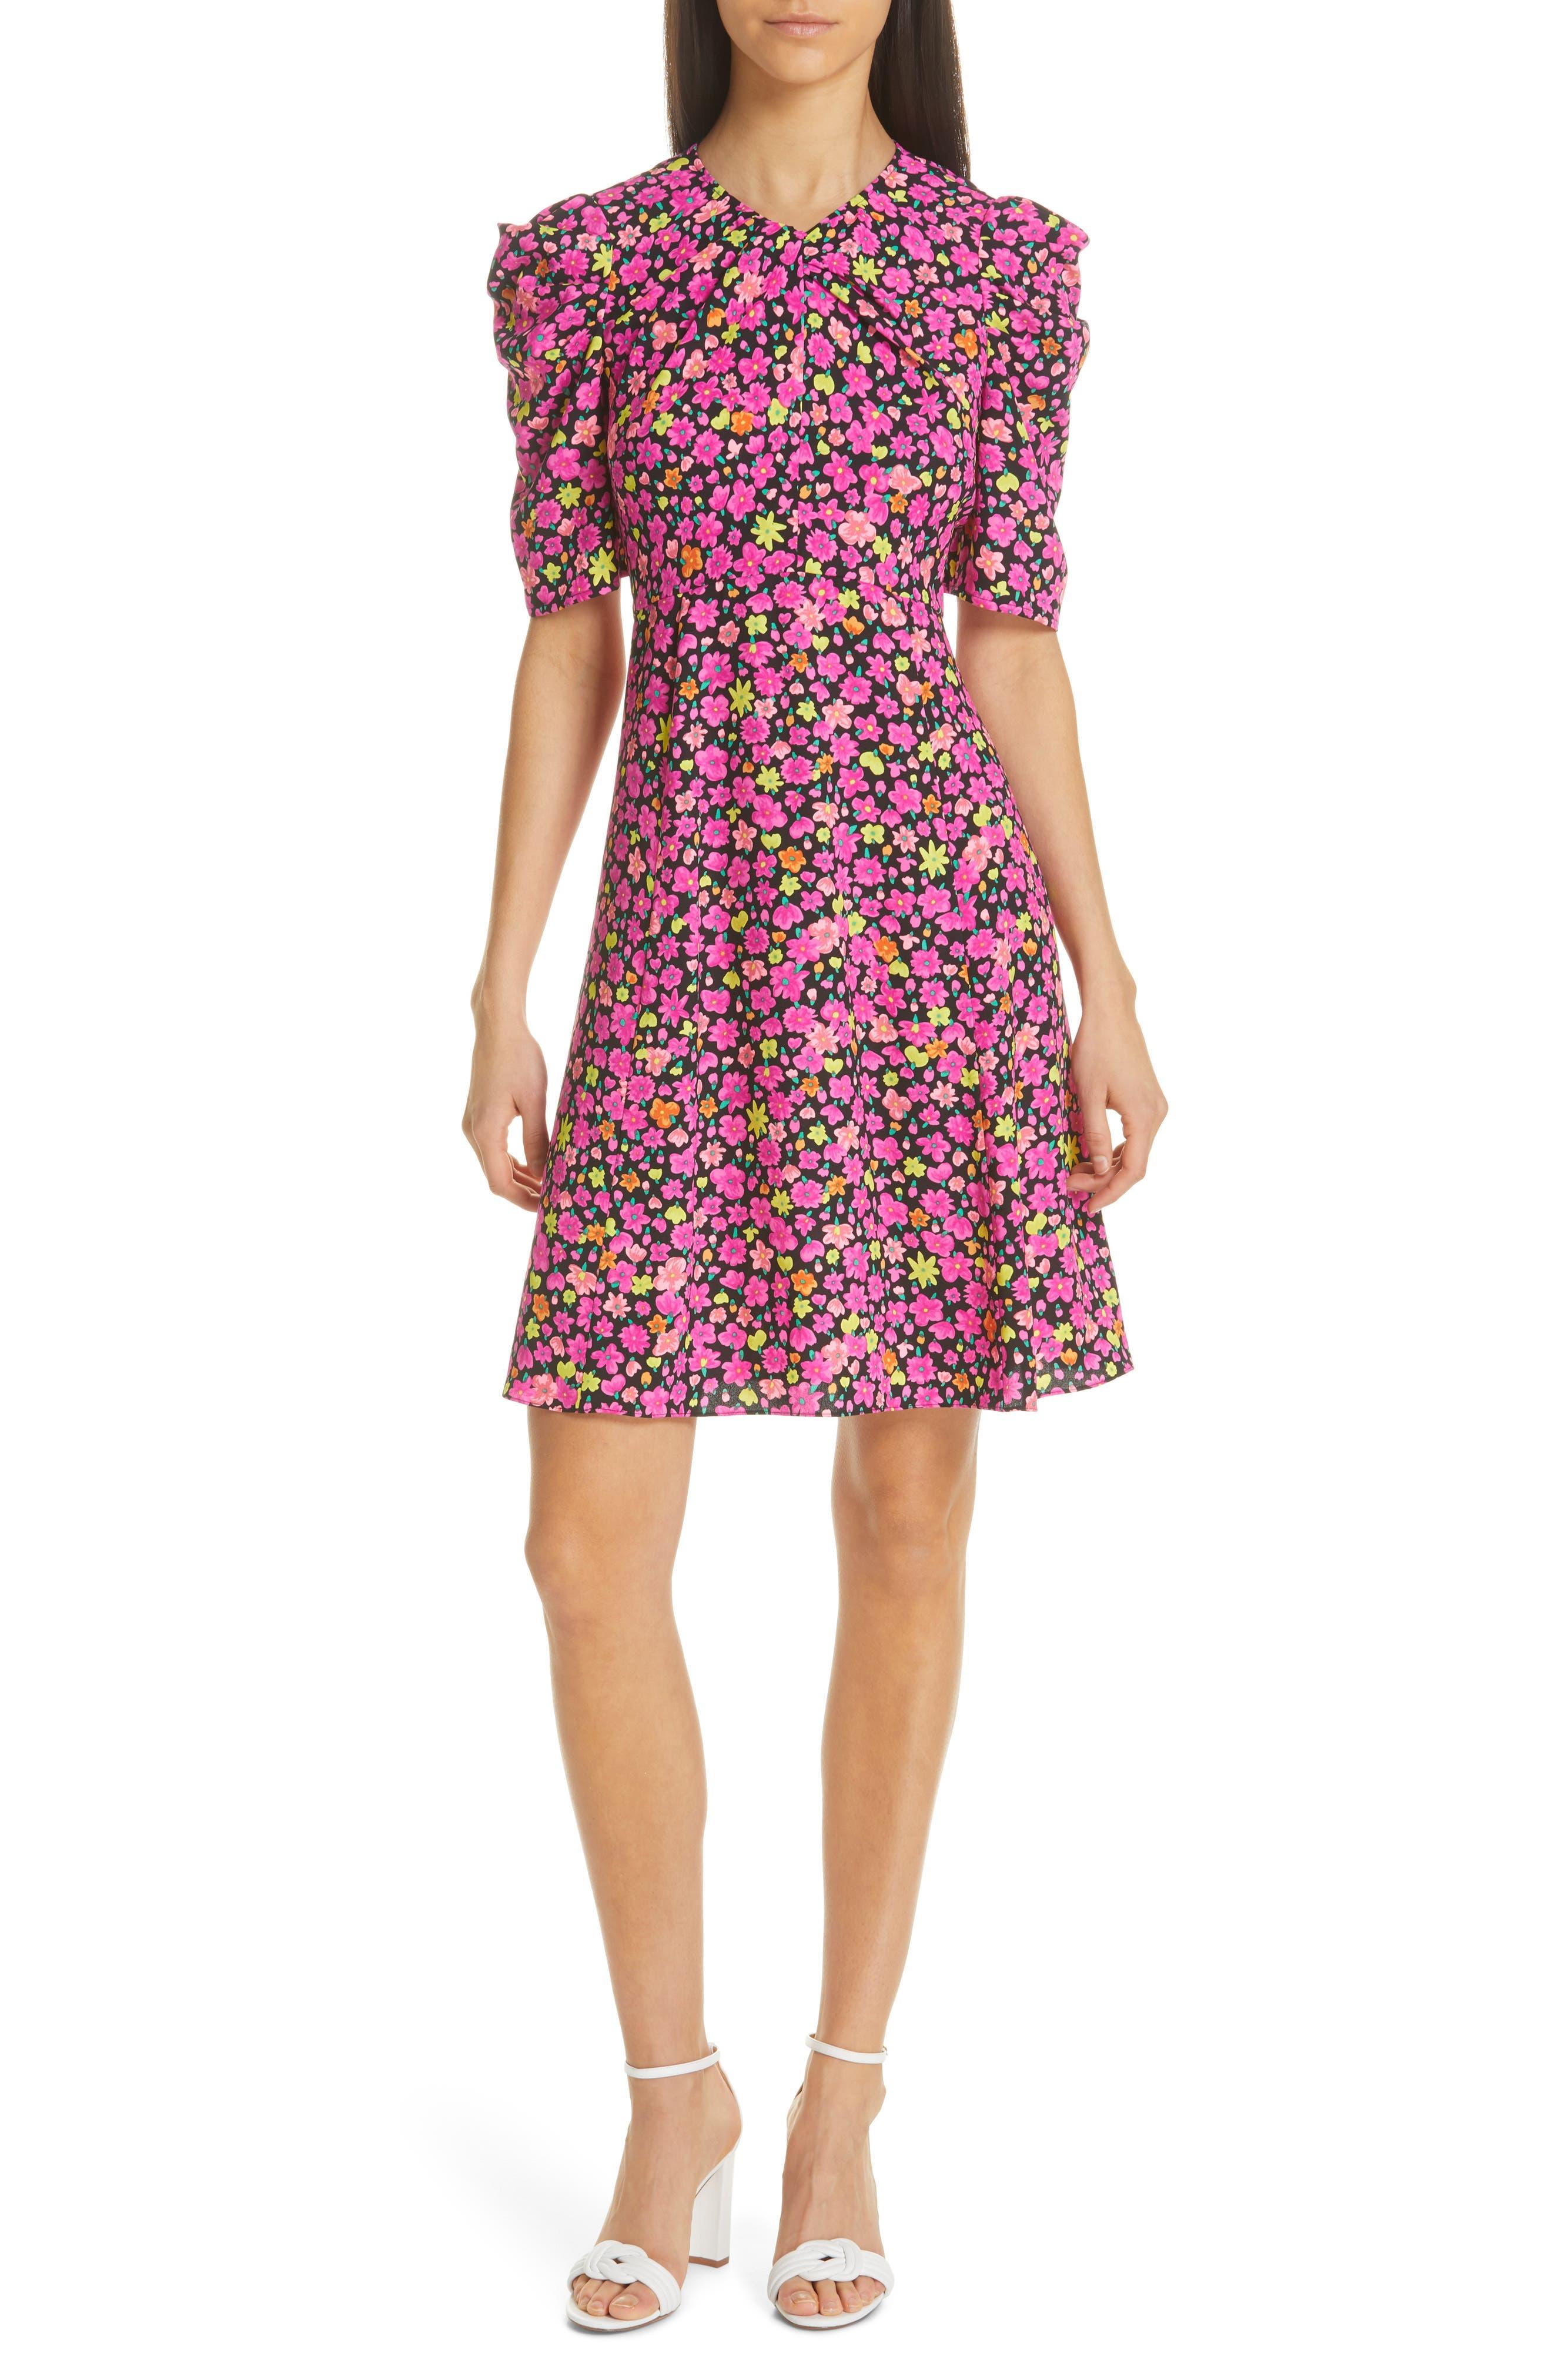 Kate Spade New York Marker Floral A-Line Dress, Black